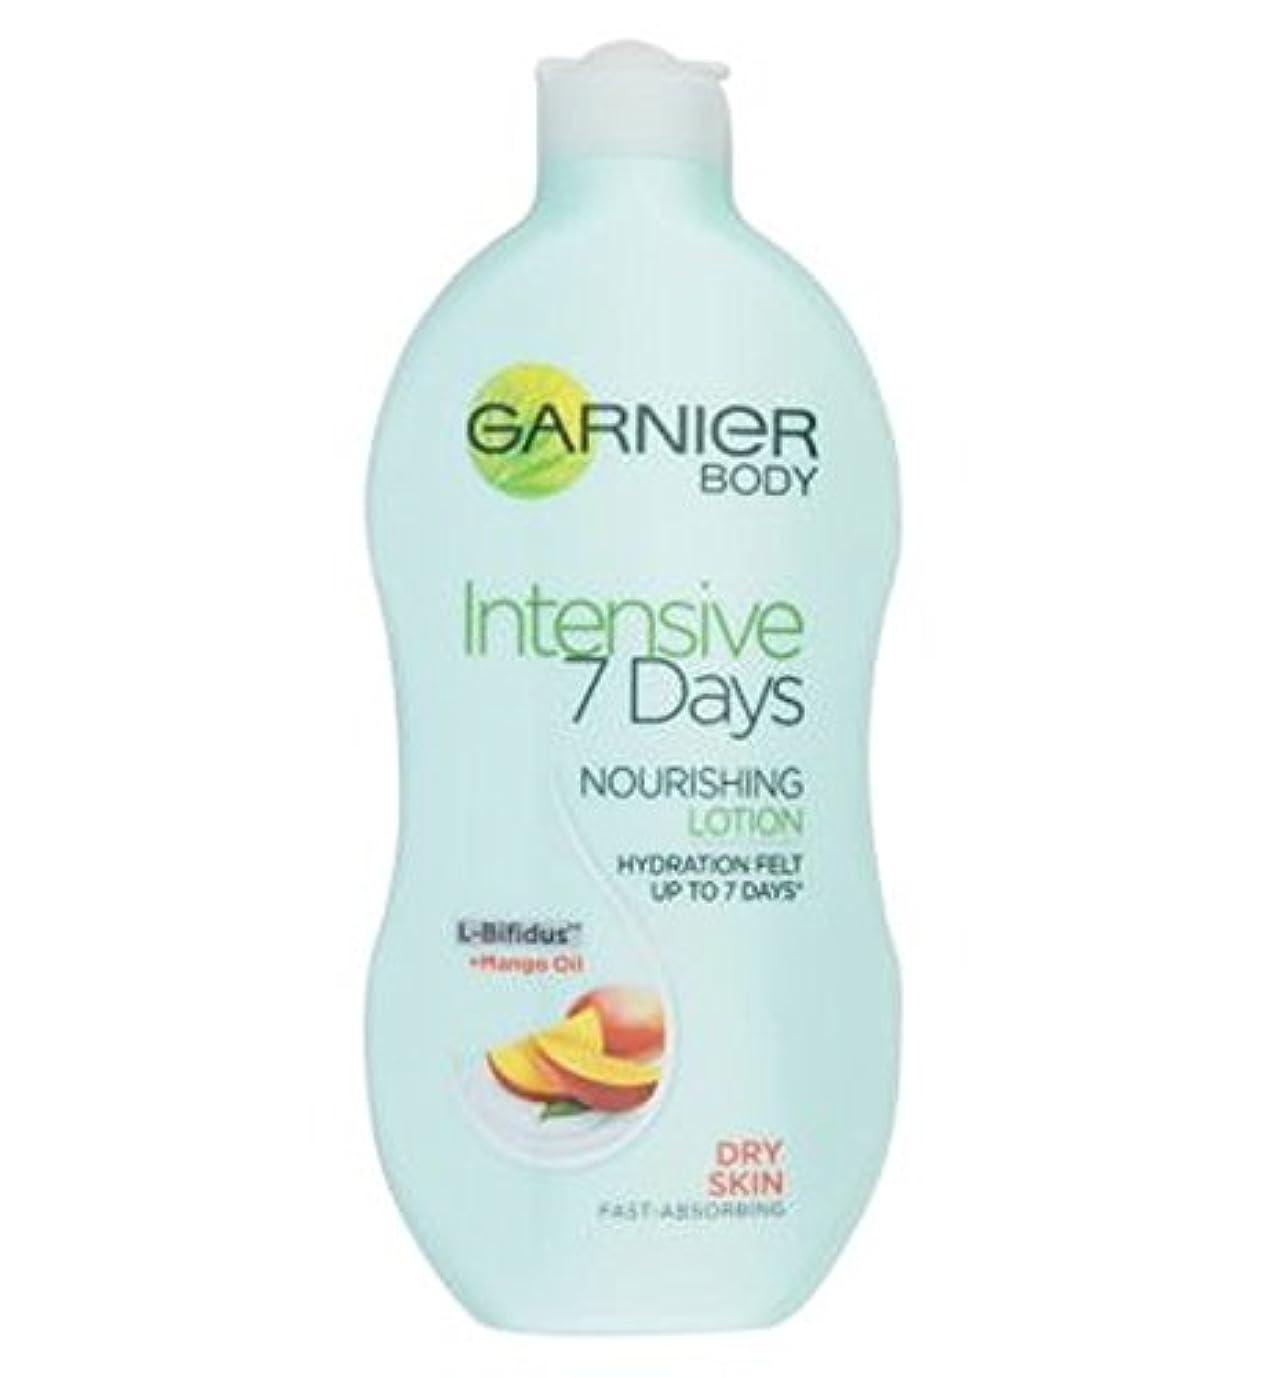 感じダンス有名人乾燥肌の400ミリリットルのための栄養マンゴーオイルとガルニエの集中7日間毎日ボディローション (Garnier) (x2) - Garnier Intensive 7 Days Daily Body Lotion with...